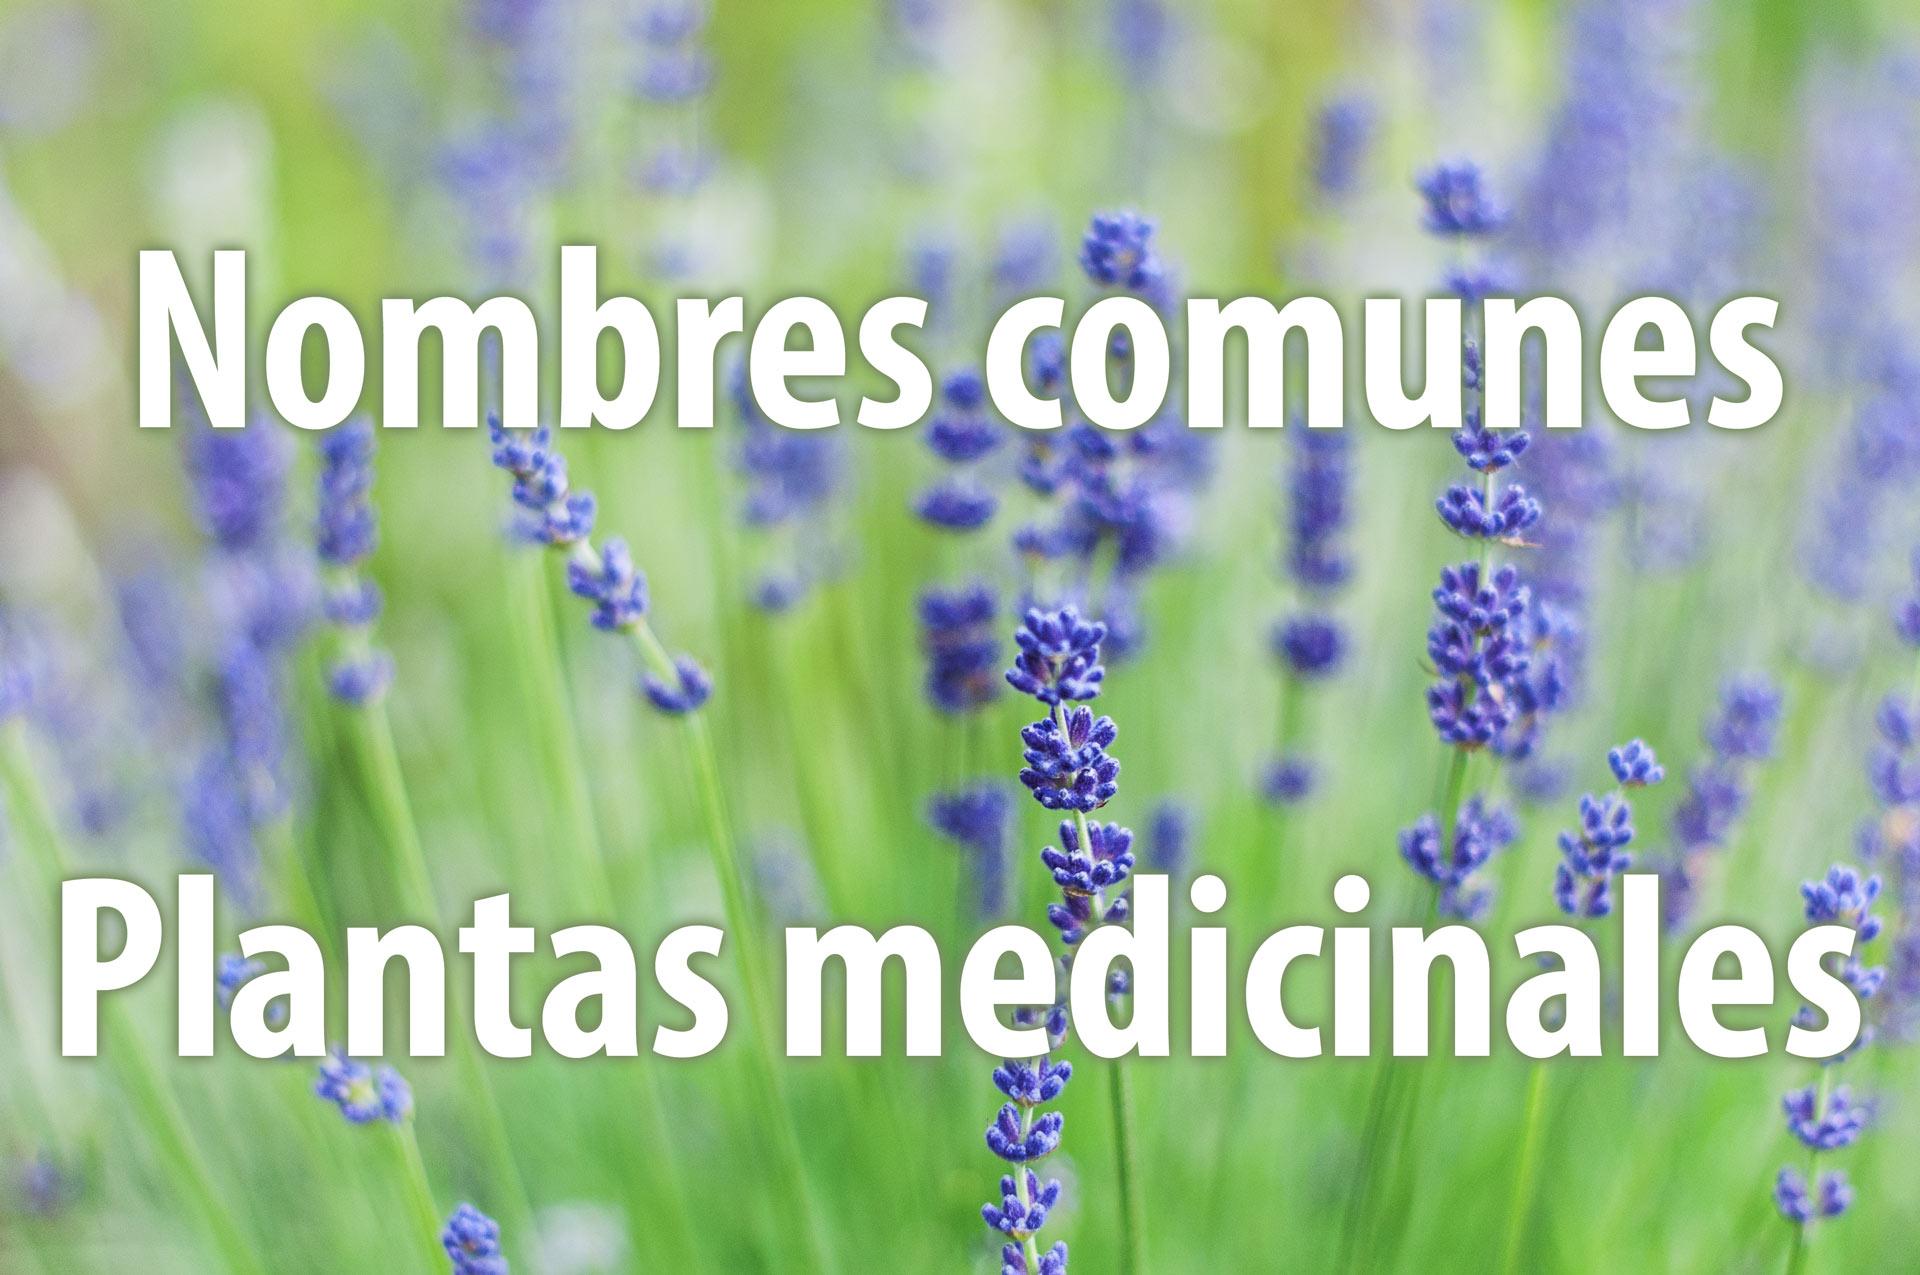 Nombres comunes de plantas medicinales plantas medicinales for 5 nombres de plantas ornamentales